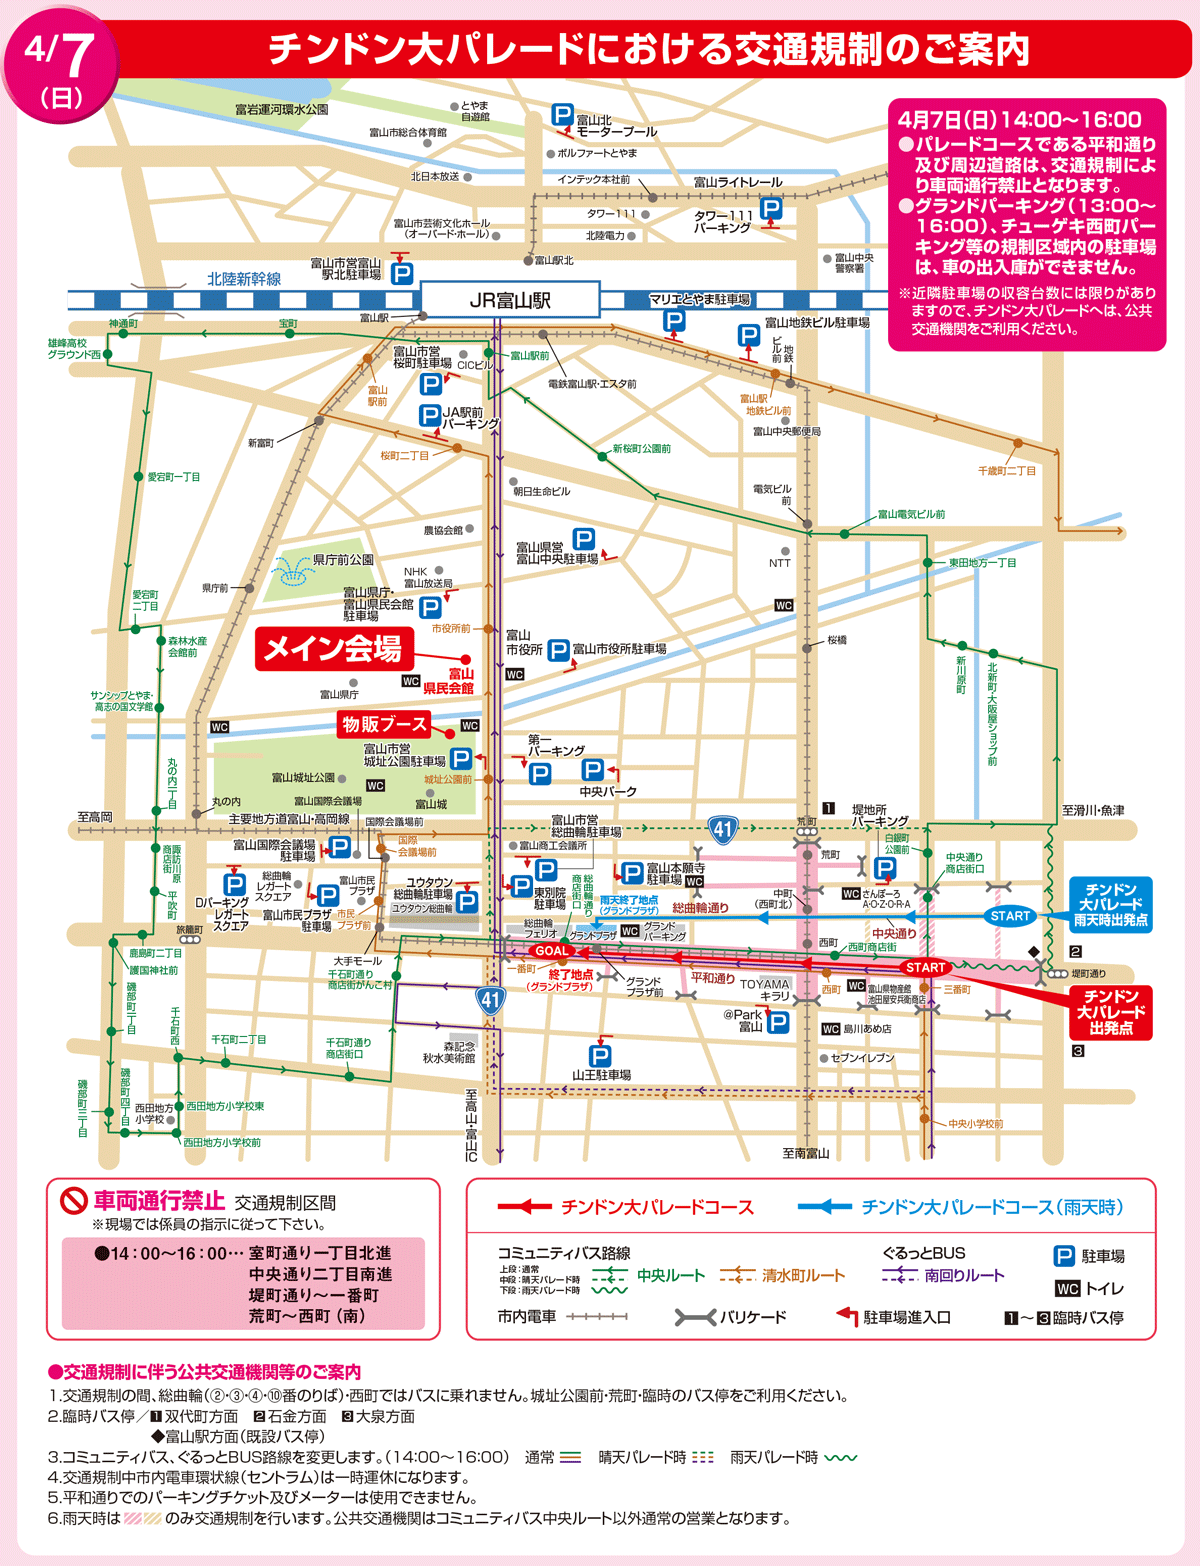 全日本チンドンコンクール2019交通規制